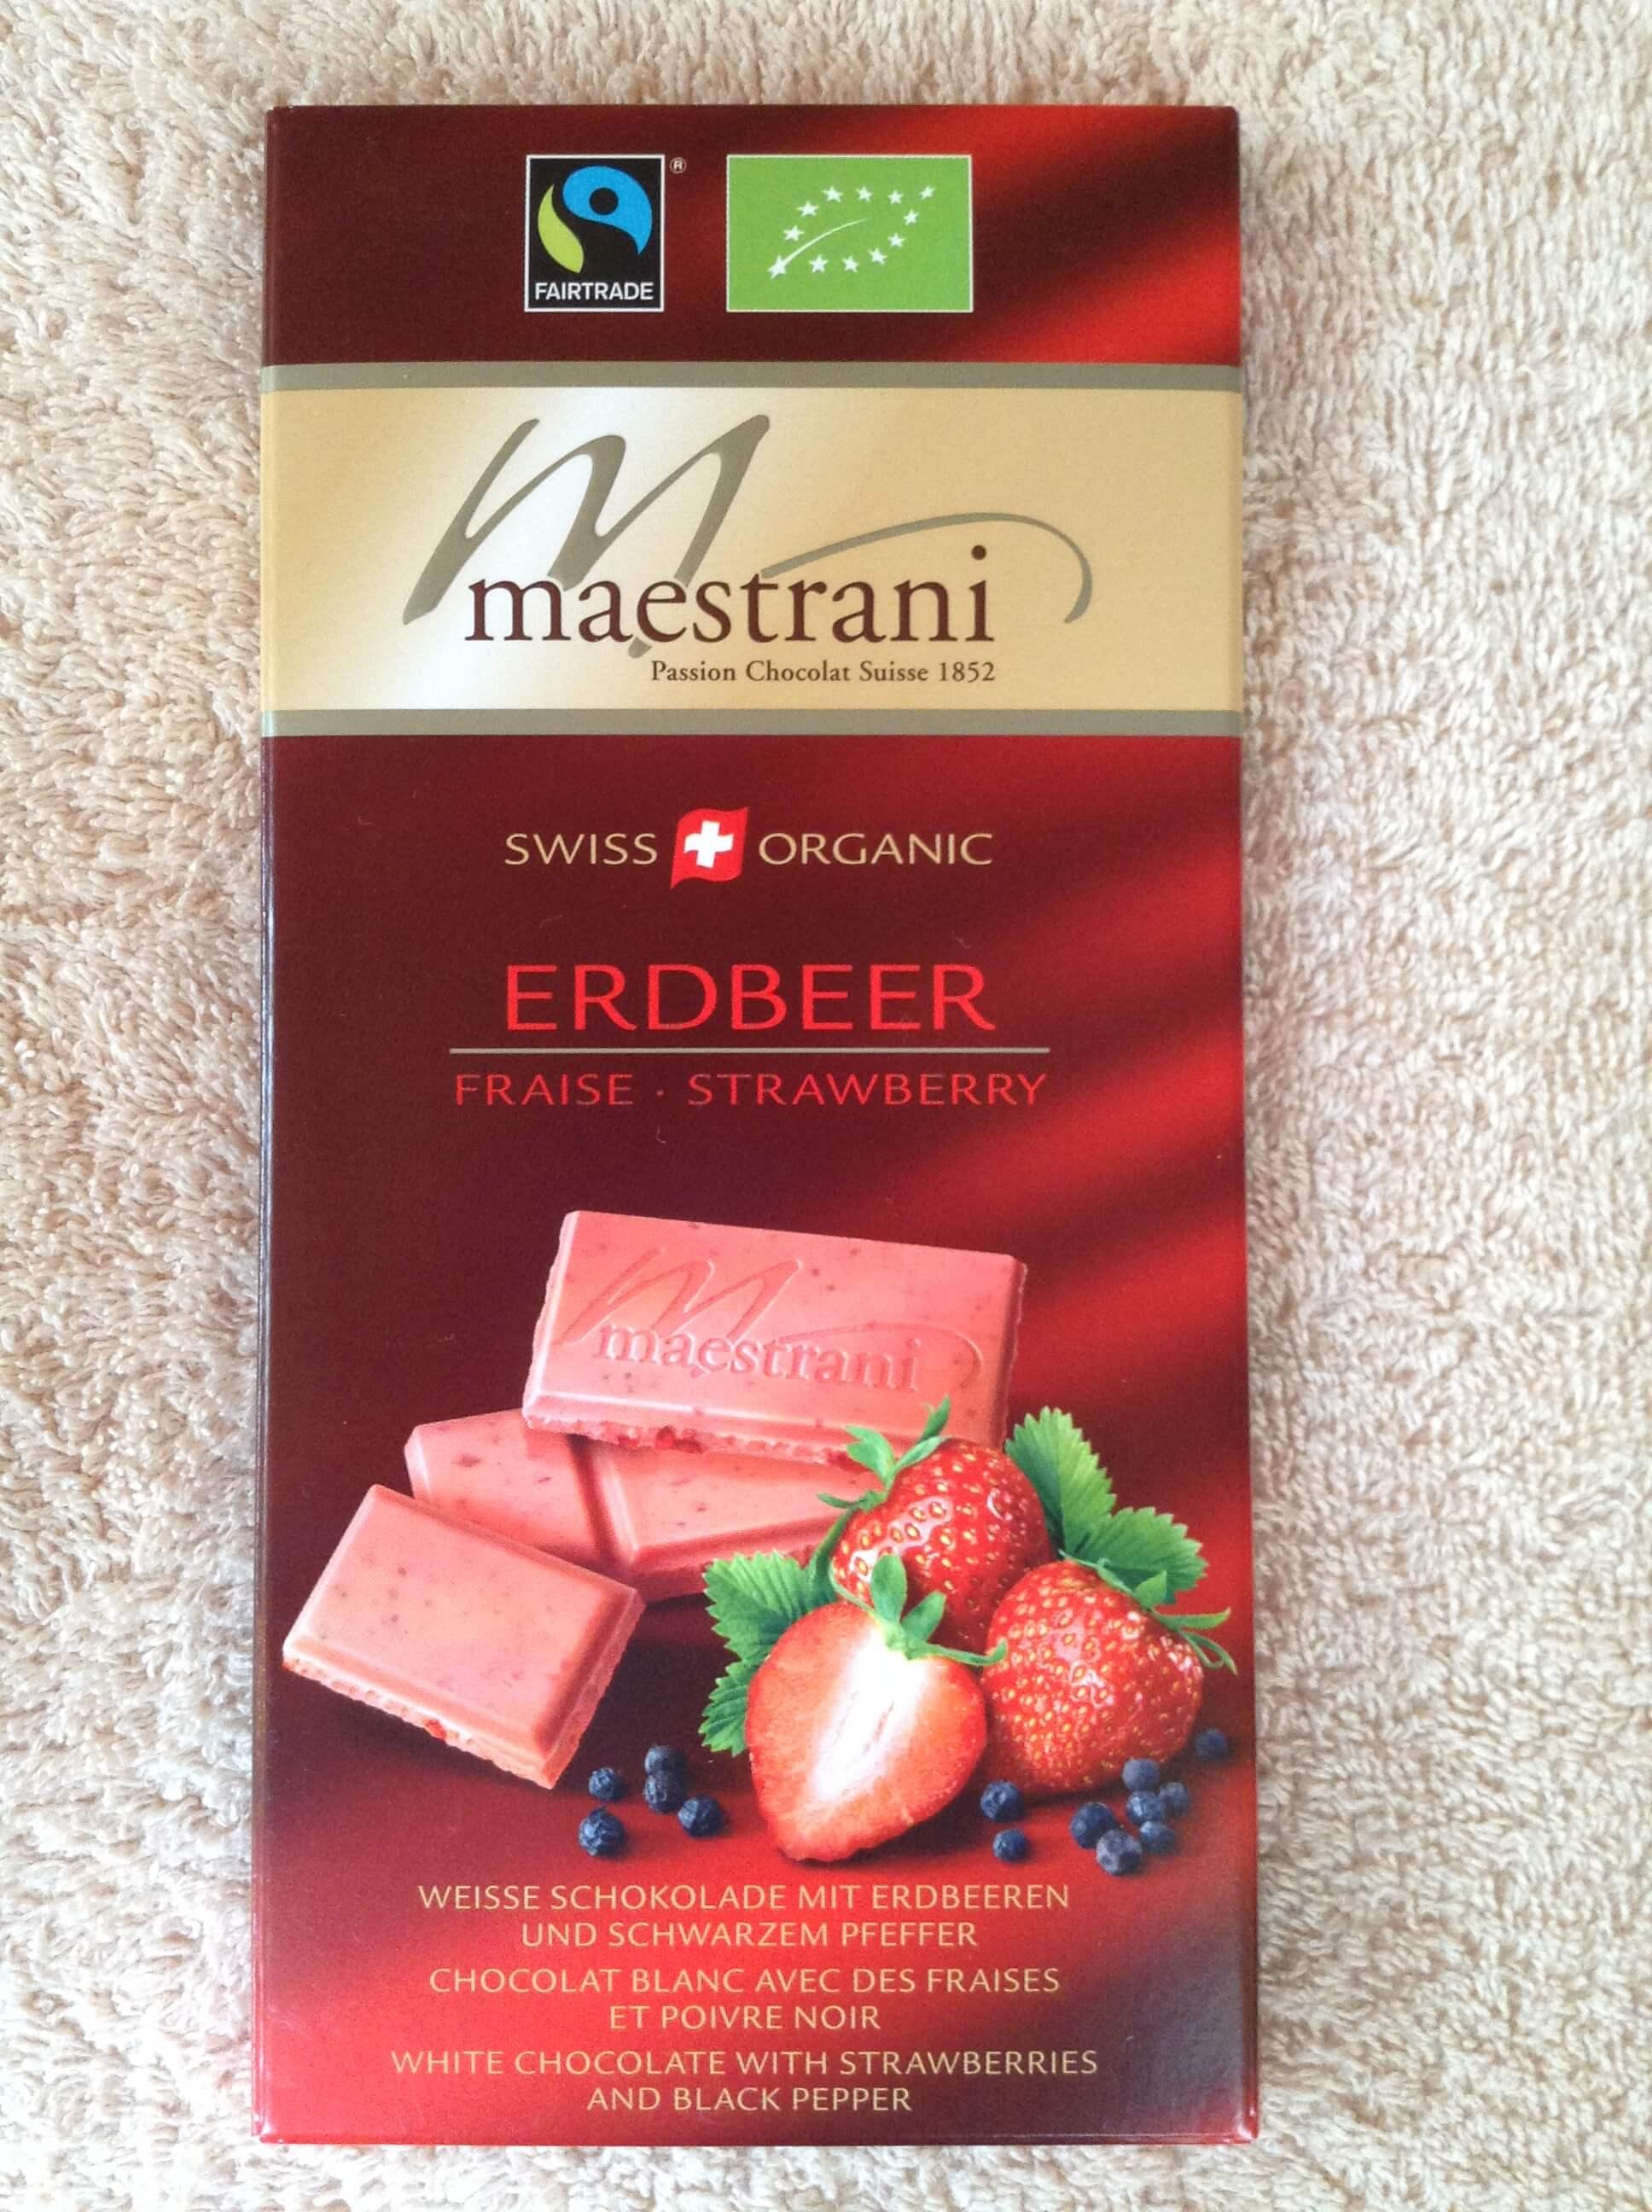 なぜスイスってチョコレートが有名なのか?